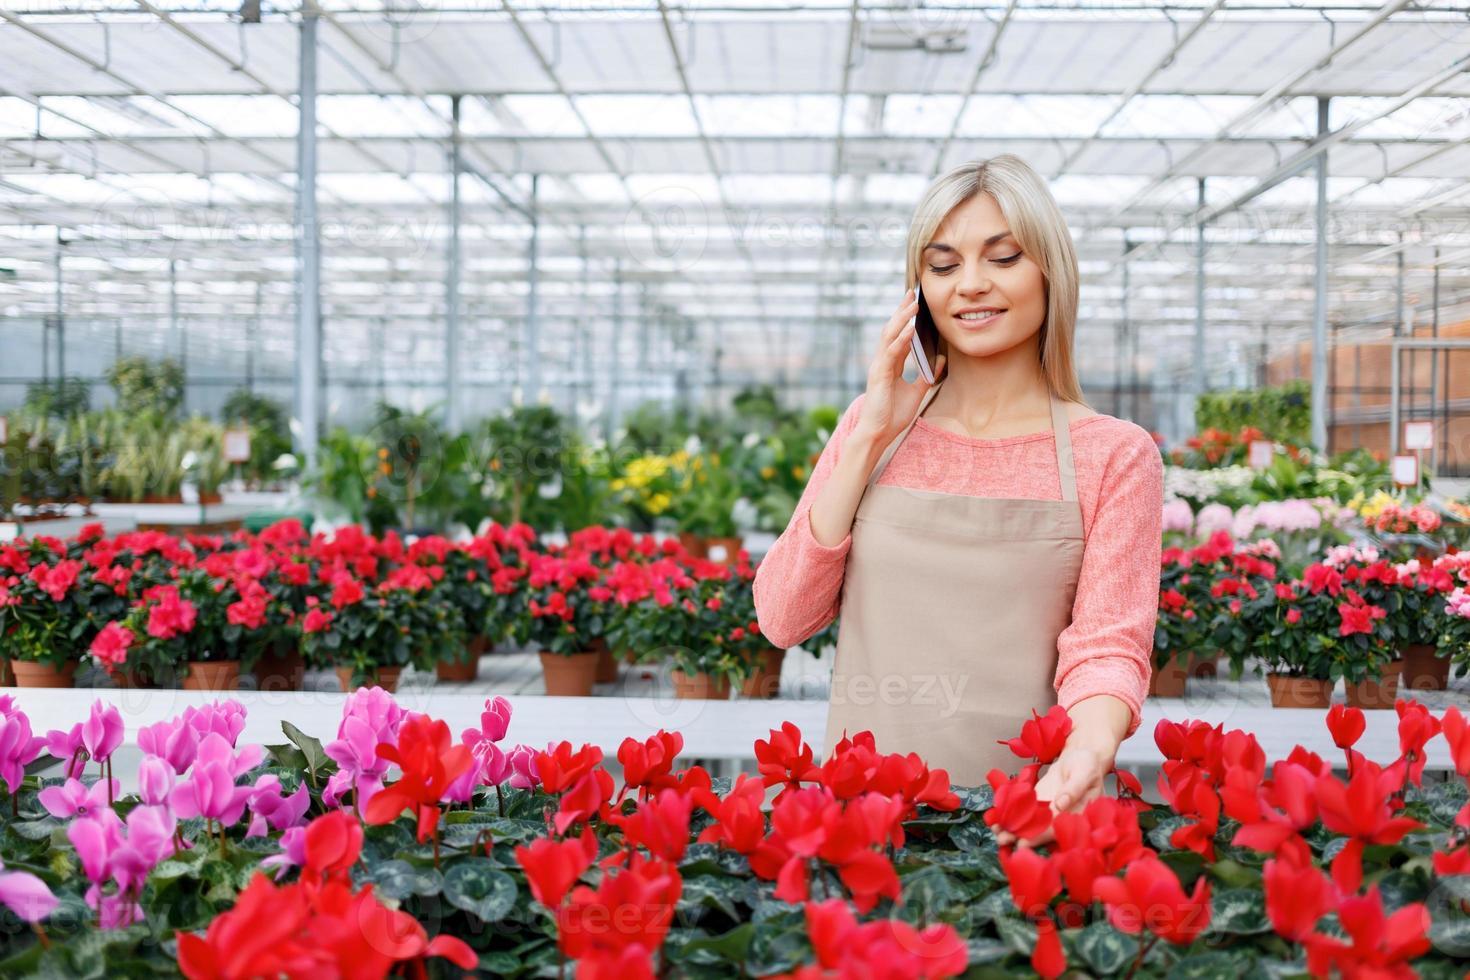 bonita floristería trabajando con flores foto